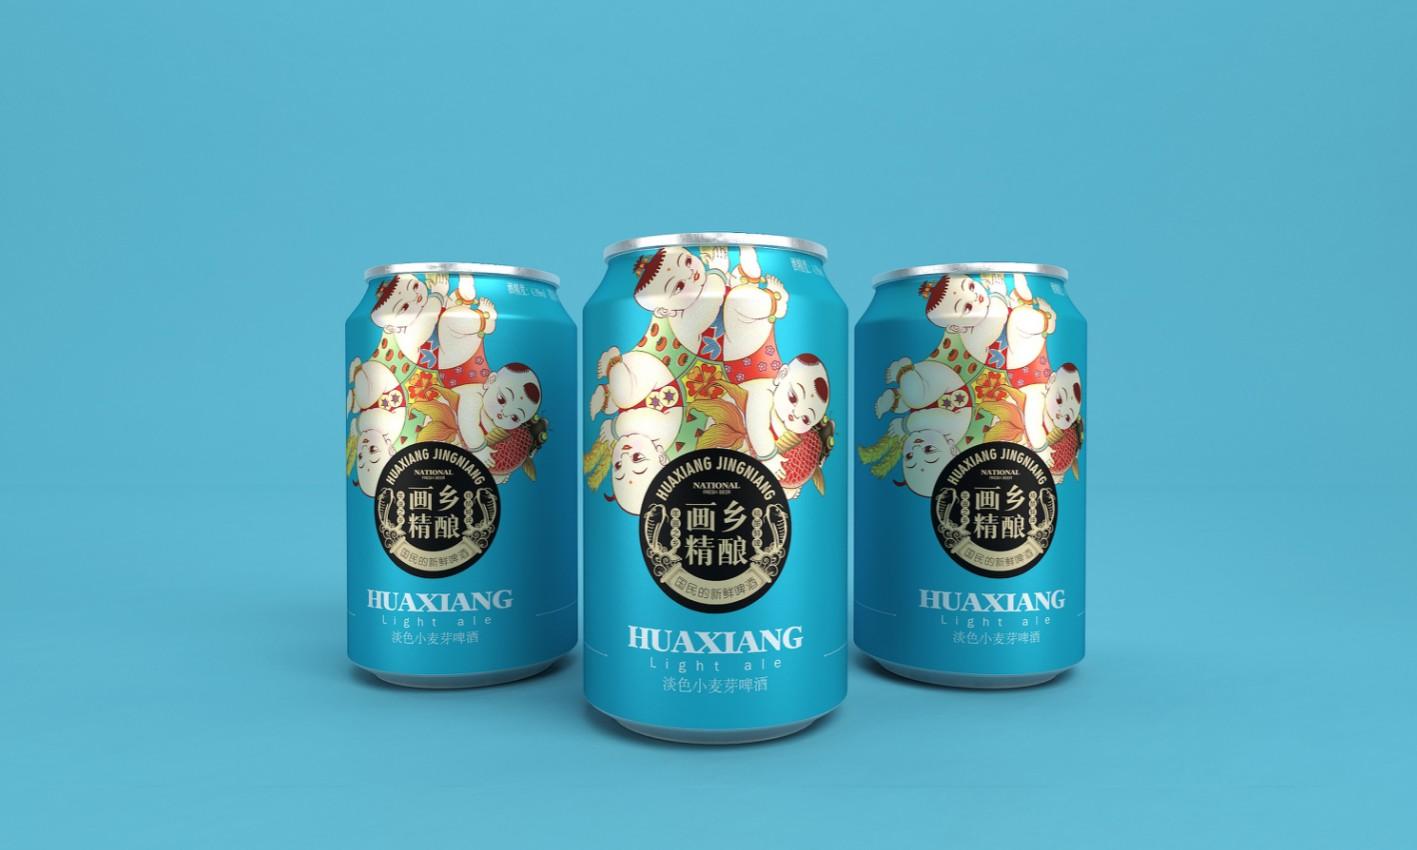 春画全�_画乡精酿啤酒_徐桂亮品牌设计【官方网站】衡水设计公司,衡水